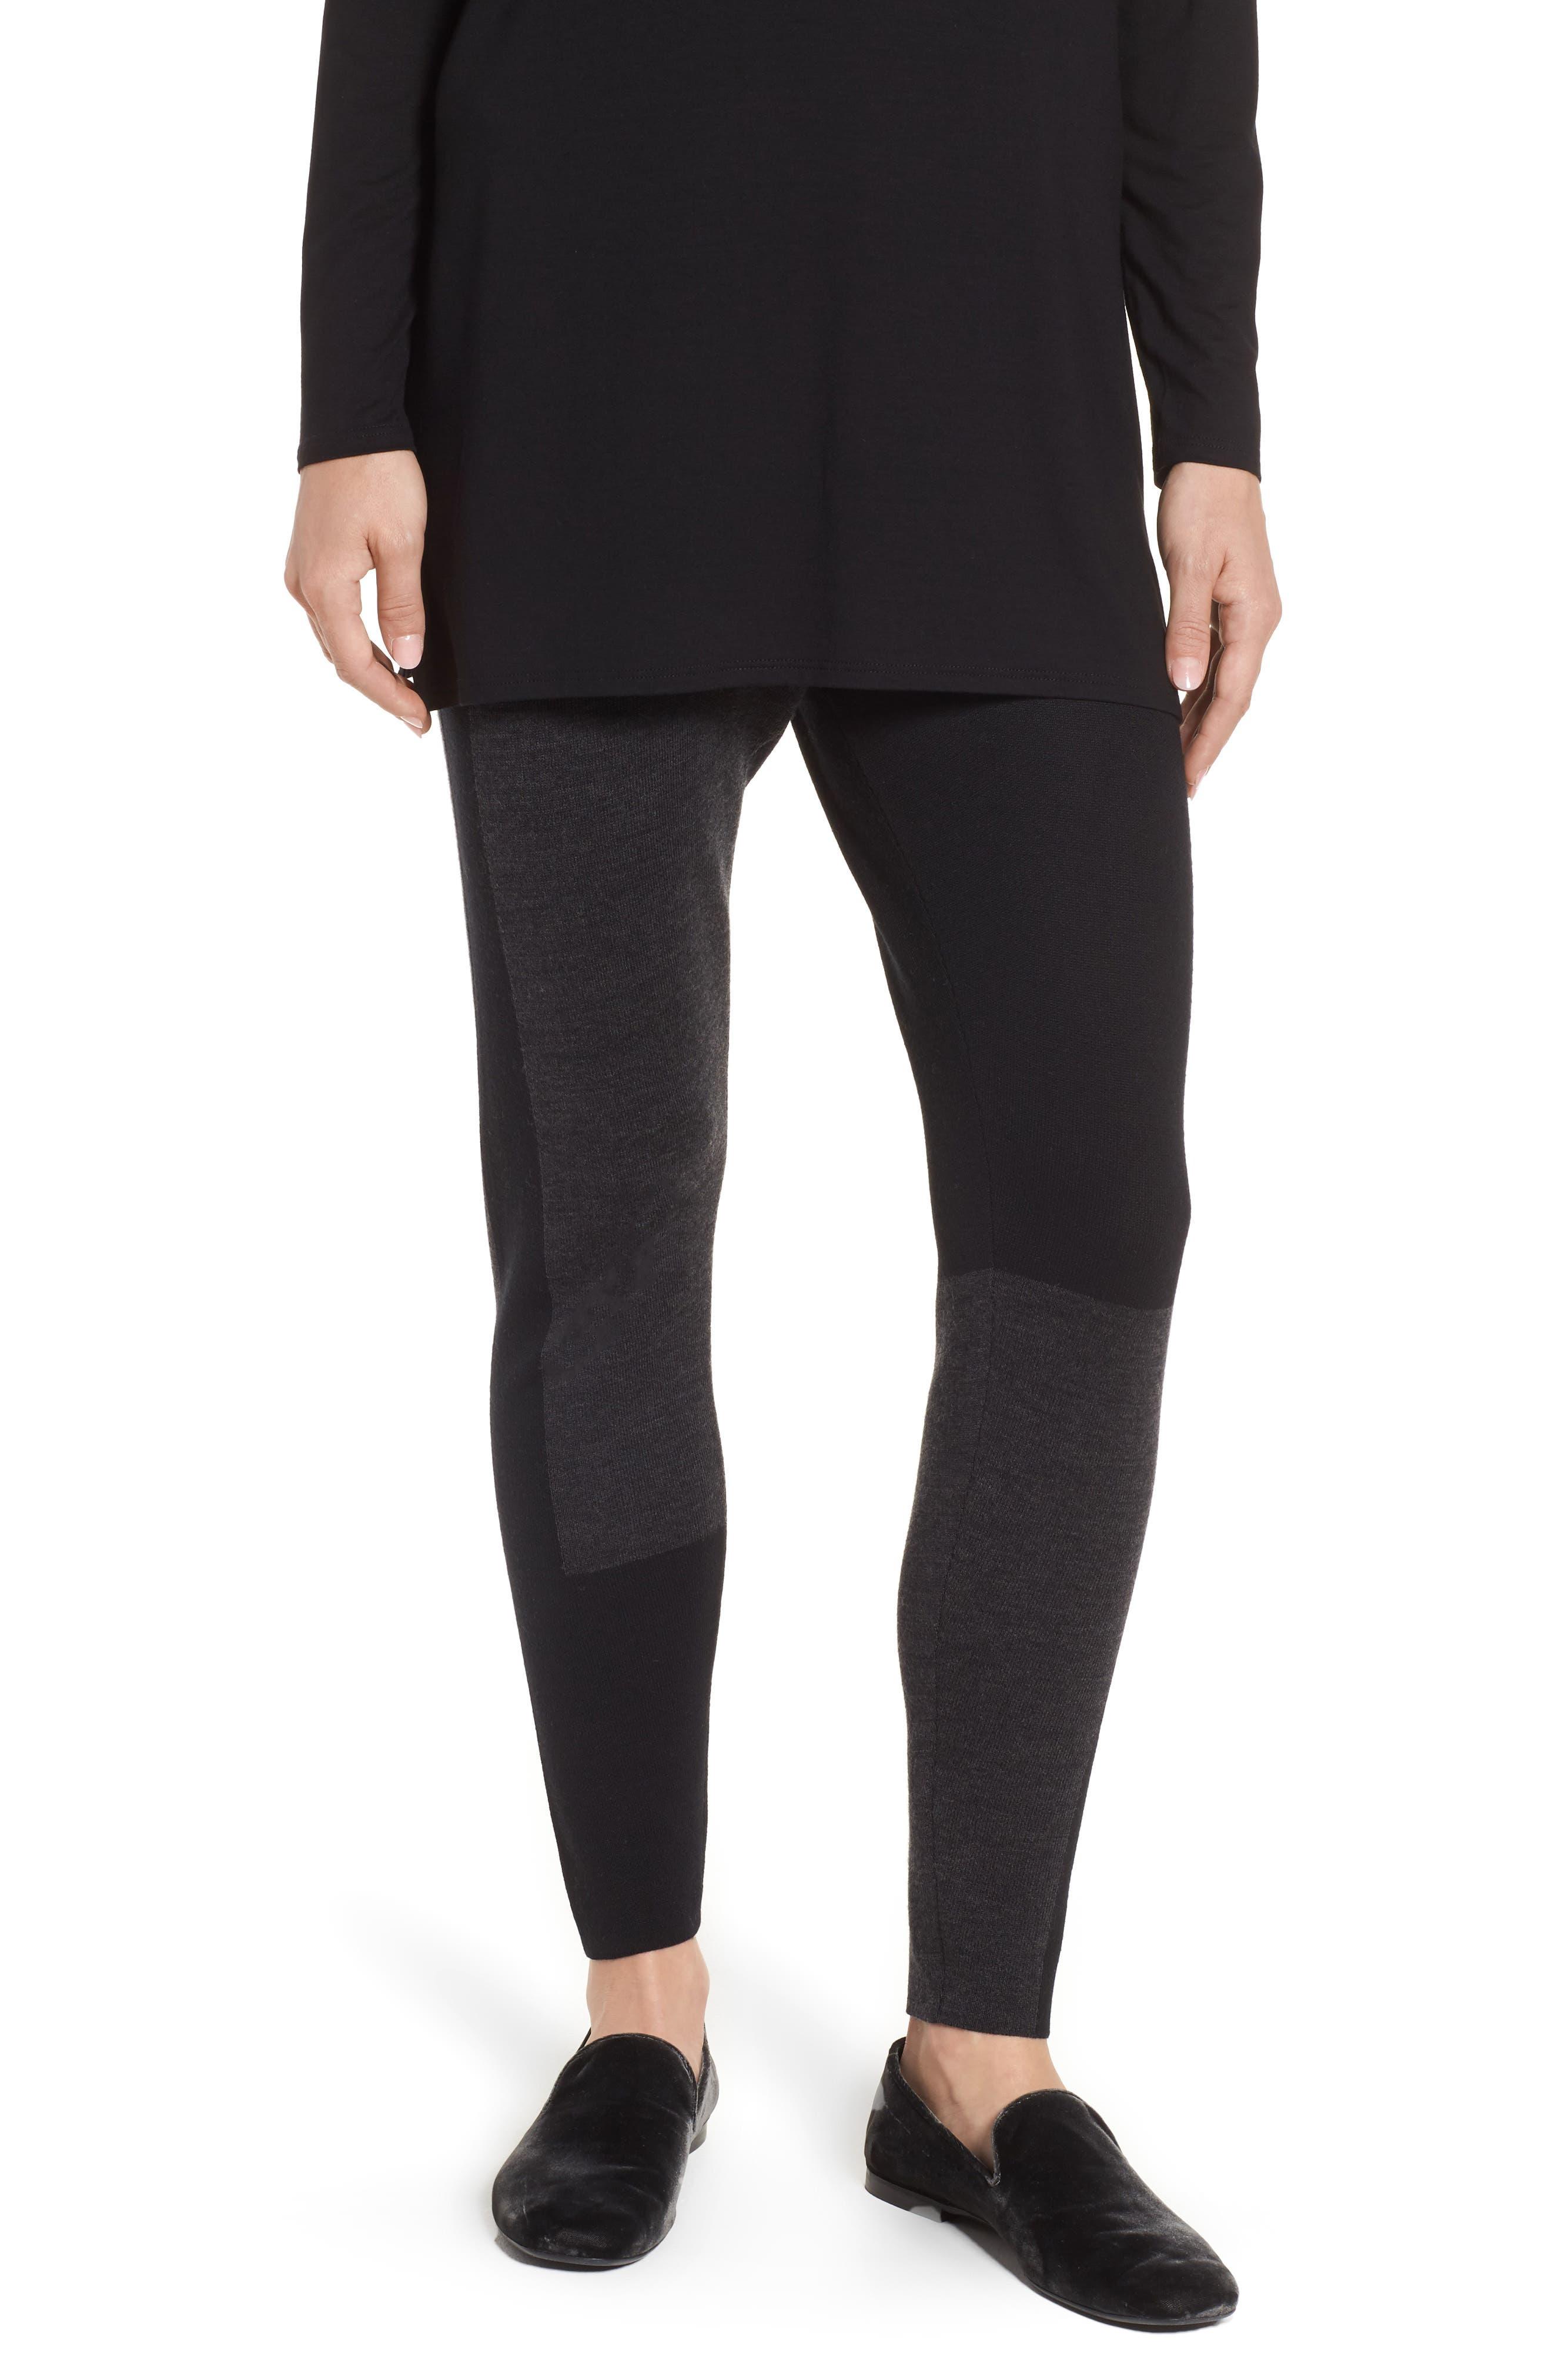 Colorblock Leggings,                         Main,                         color, Charcoal Black